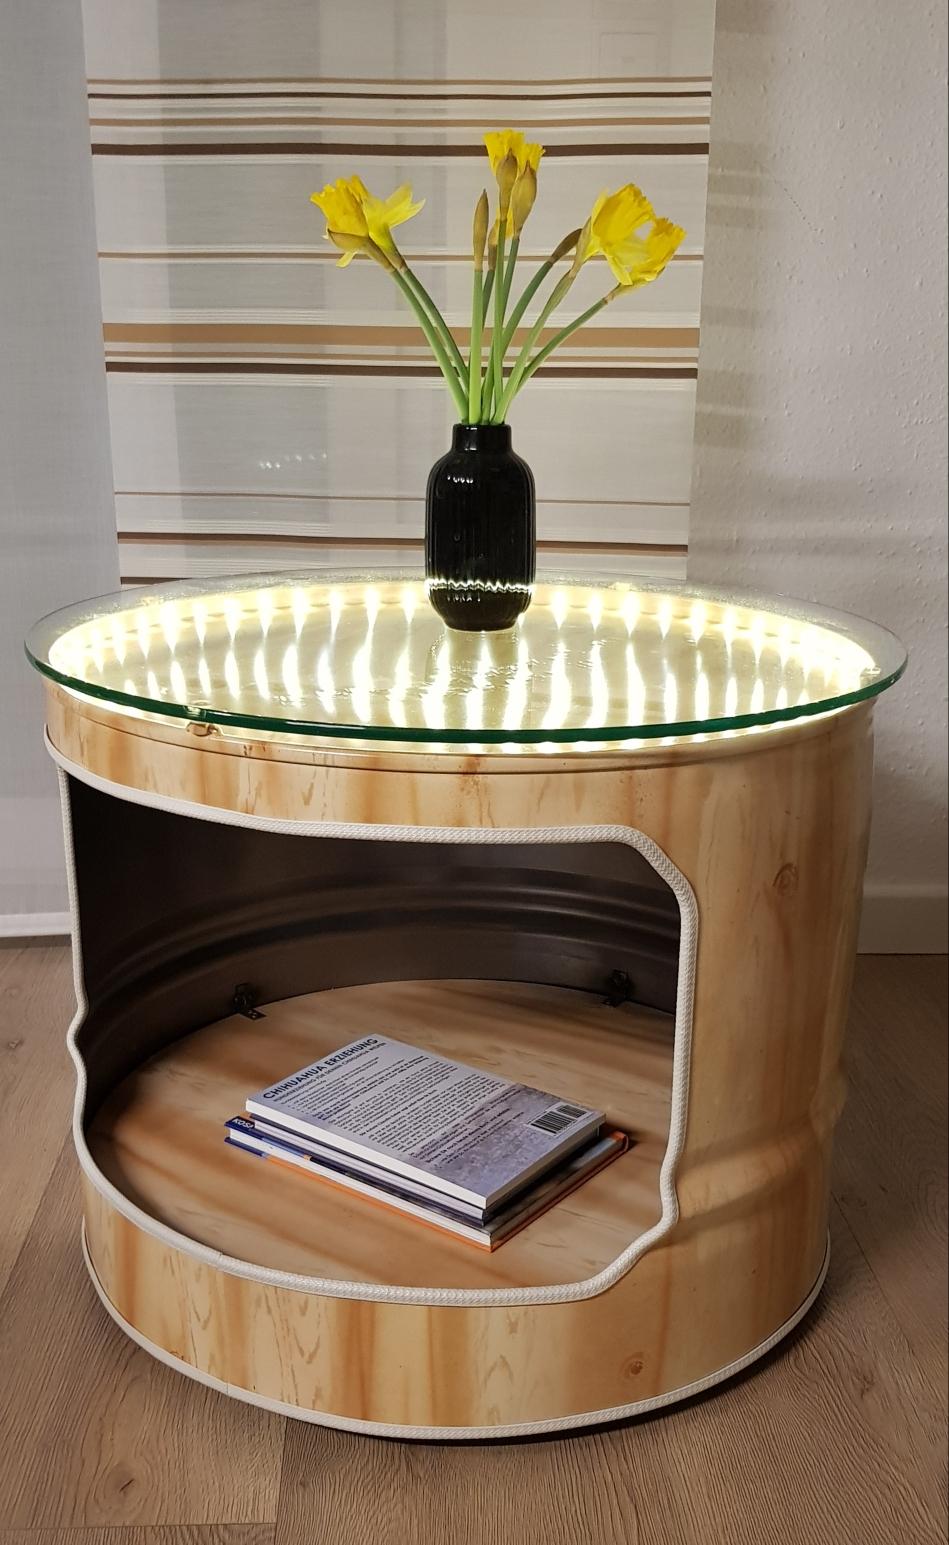 𝐶𝑜𝑢𝑐ℎ𝑡𝑖𝑠𝑐ℎ in Holzoptik (Airbrush) recycelt aus der alten Öltonne